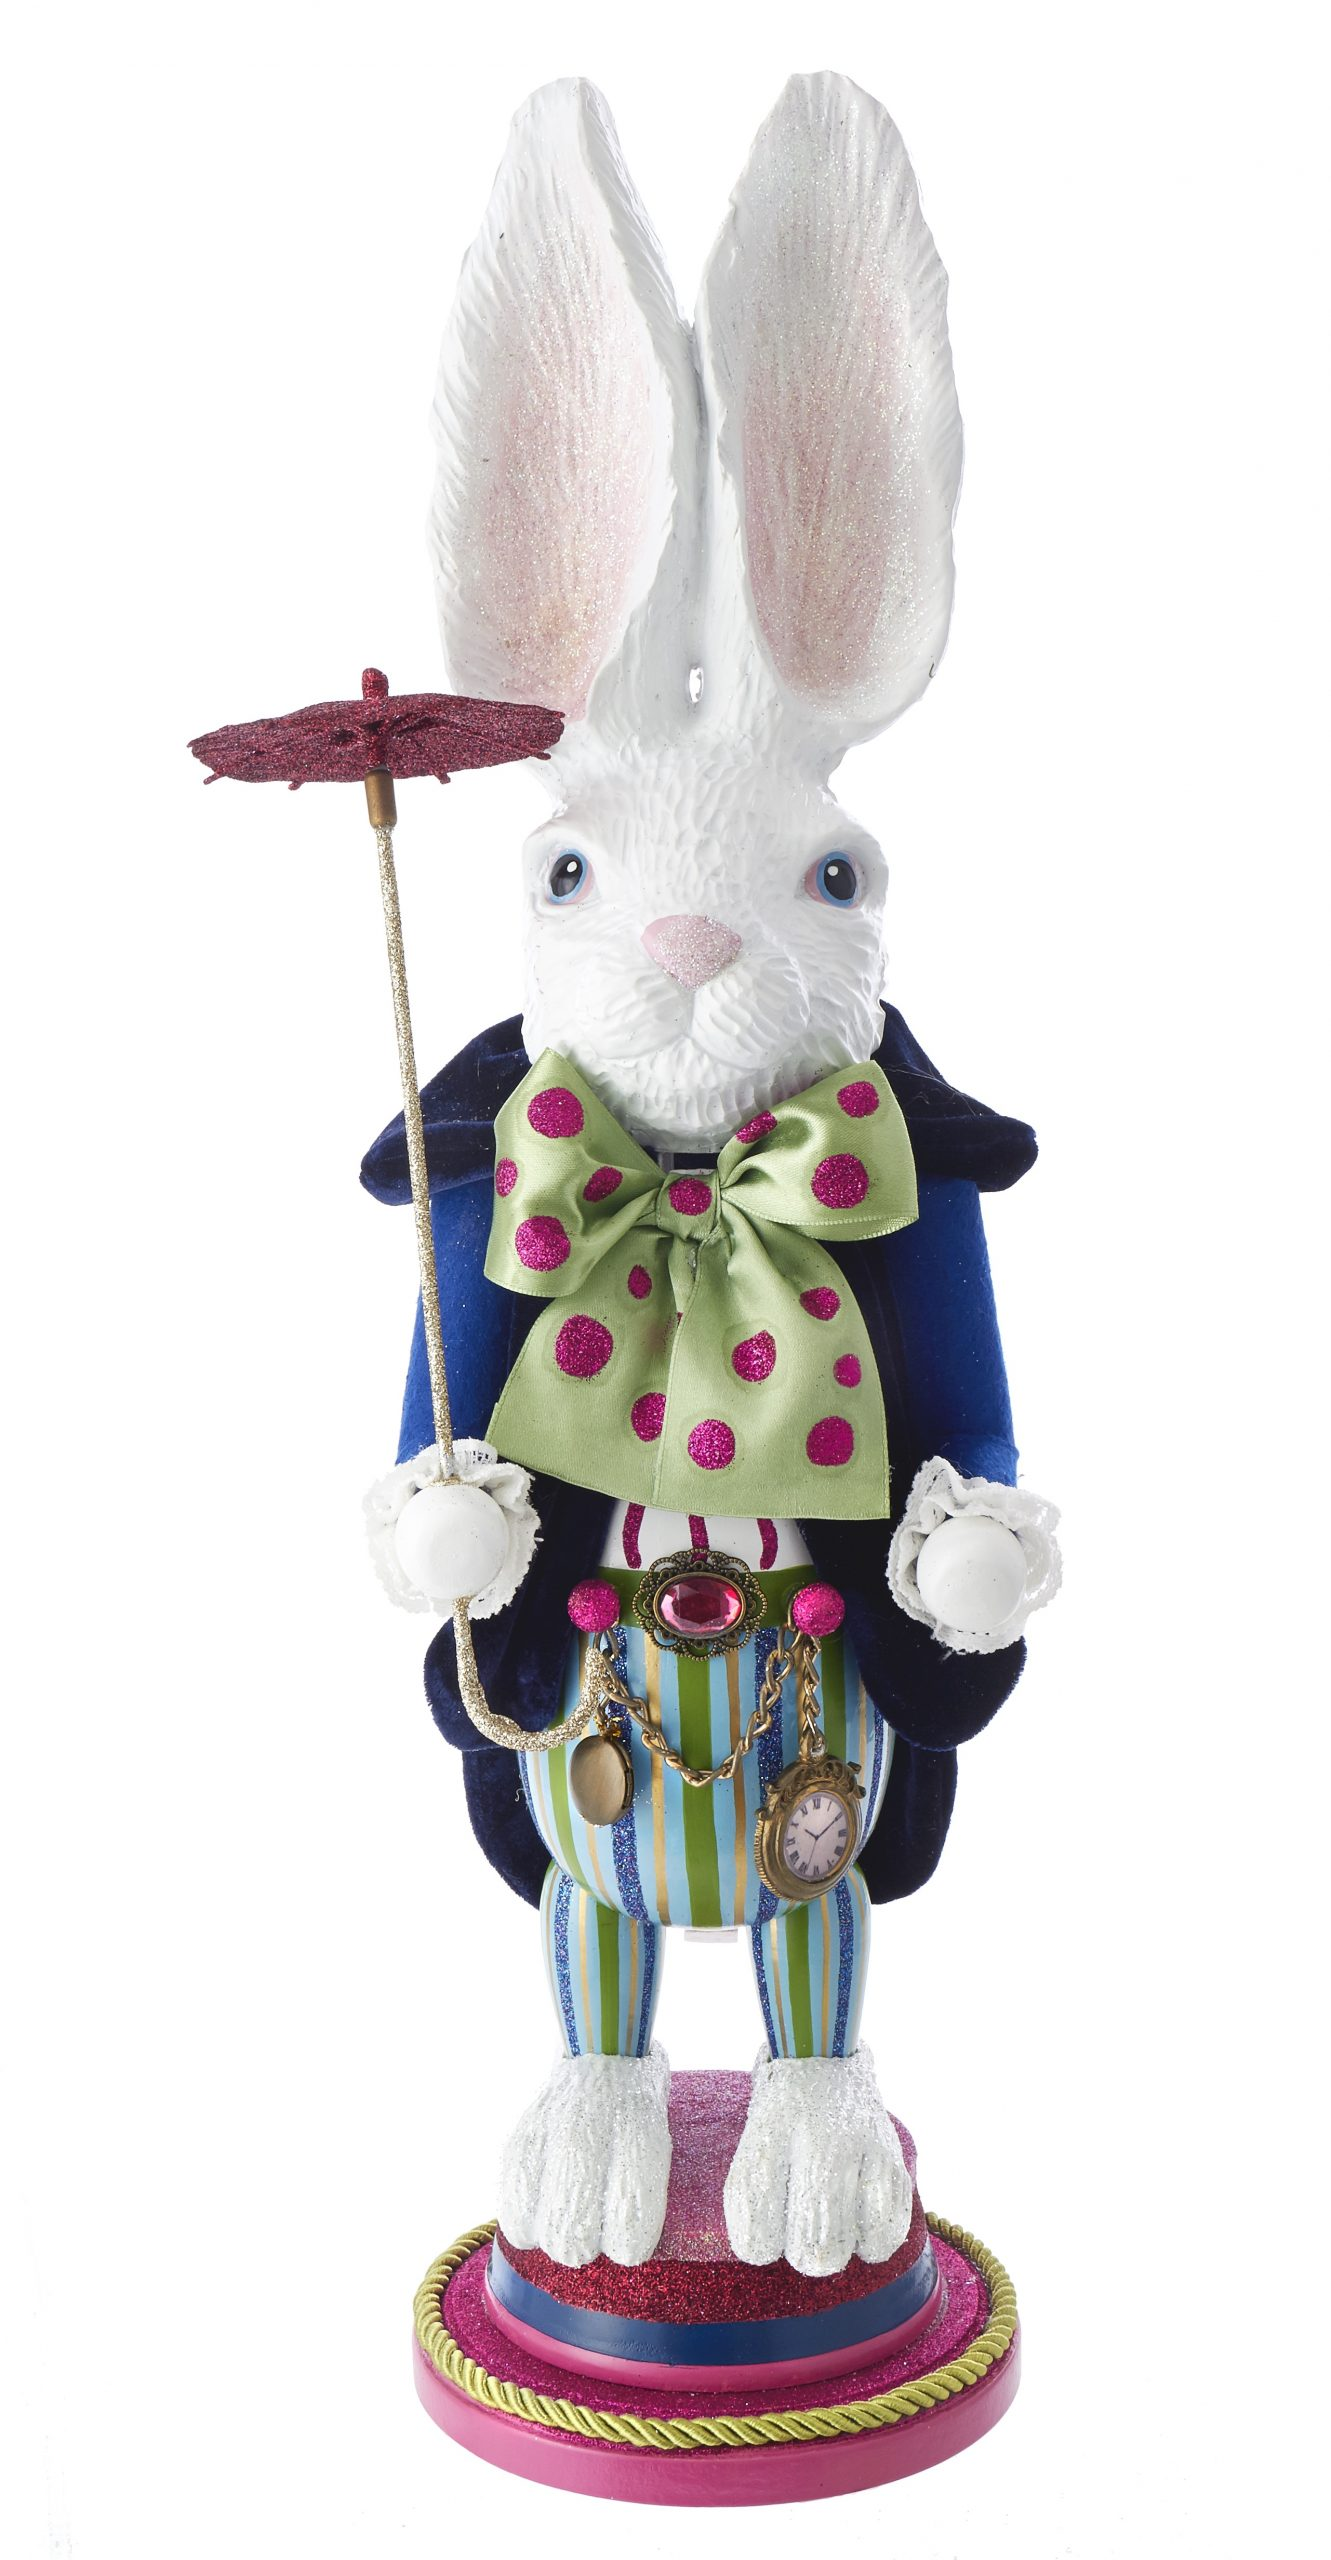 Notenkraker / Nutcracker Hollywood White Rabit het Witte Konijn Alice in Wonderland